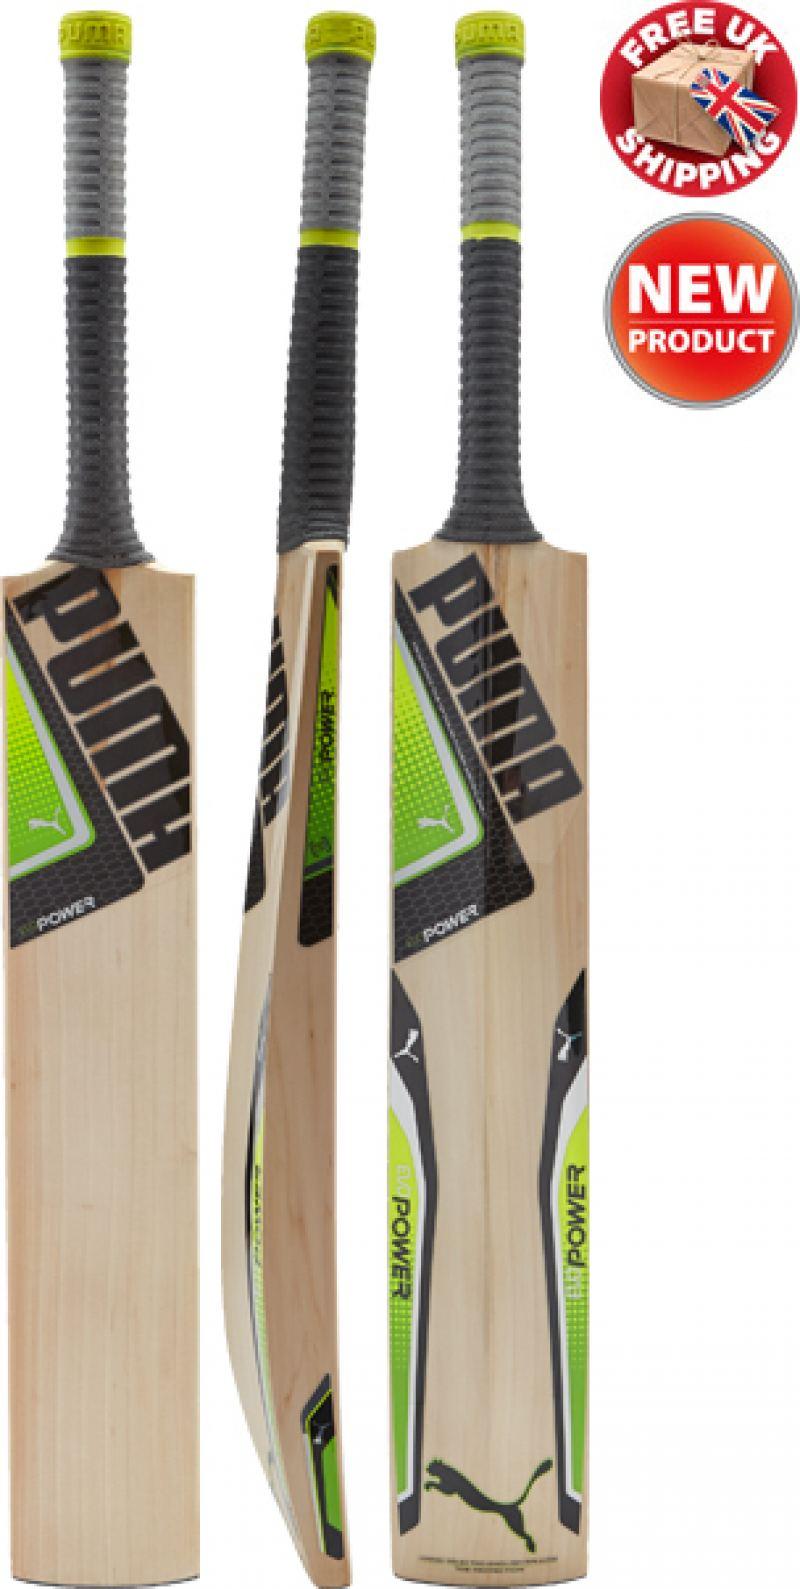 Puma EvoPOWER 2 Cricket Bat